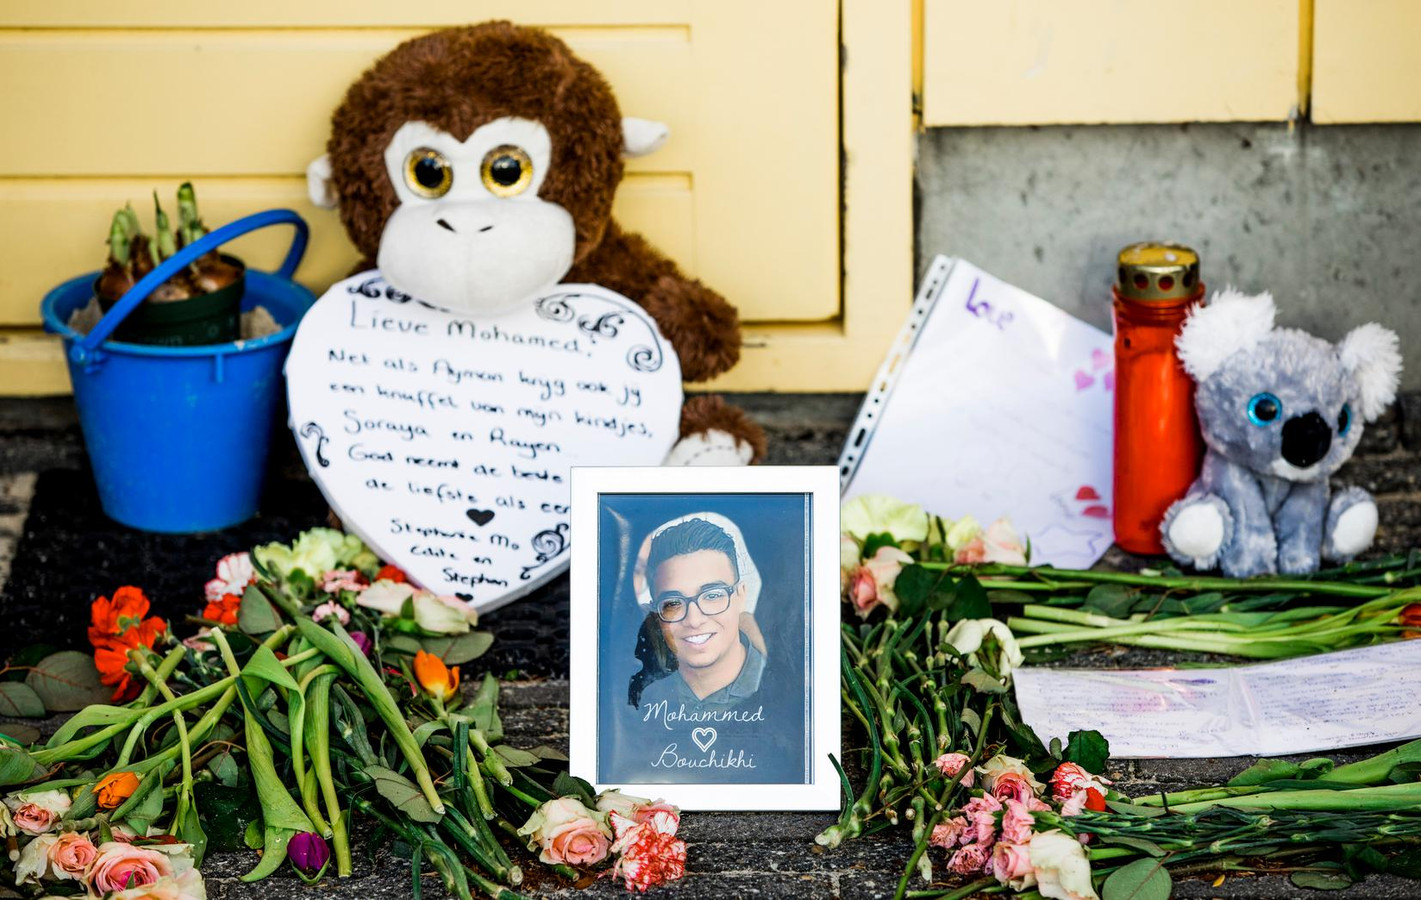 Bloemen in de speeltuin vlakbij de plek waar de 17-jarige Mohammed Bouchikhi werd doodgeschoten.